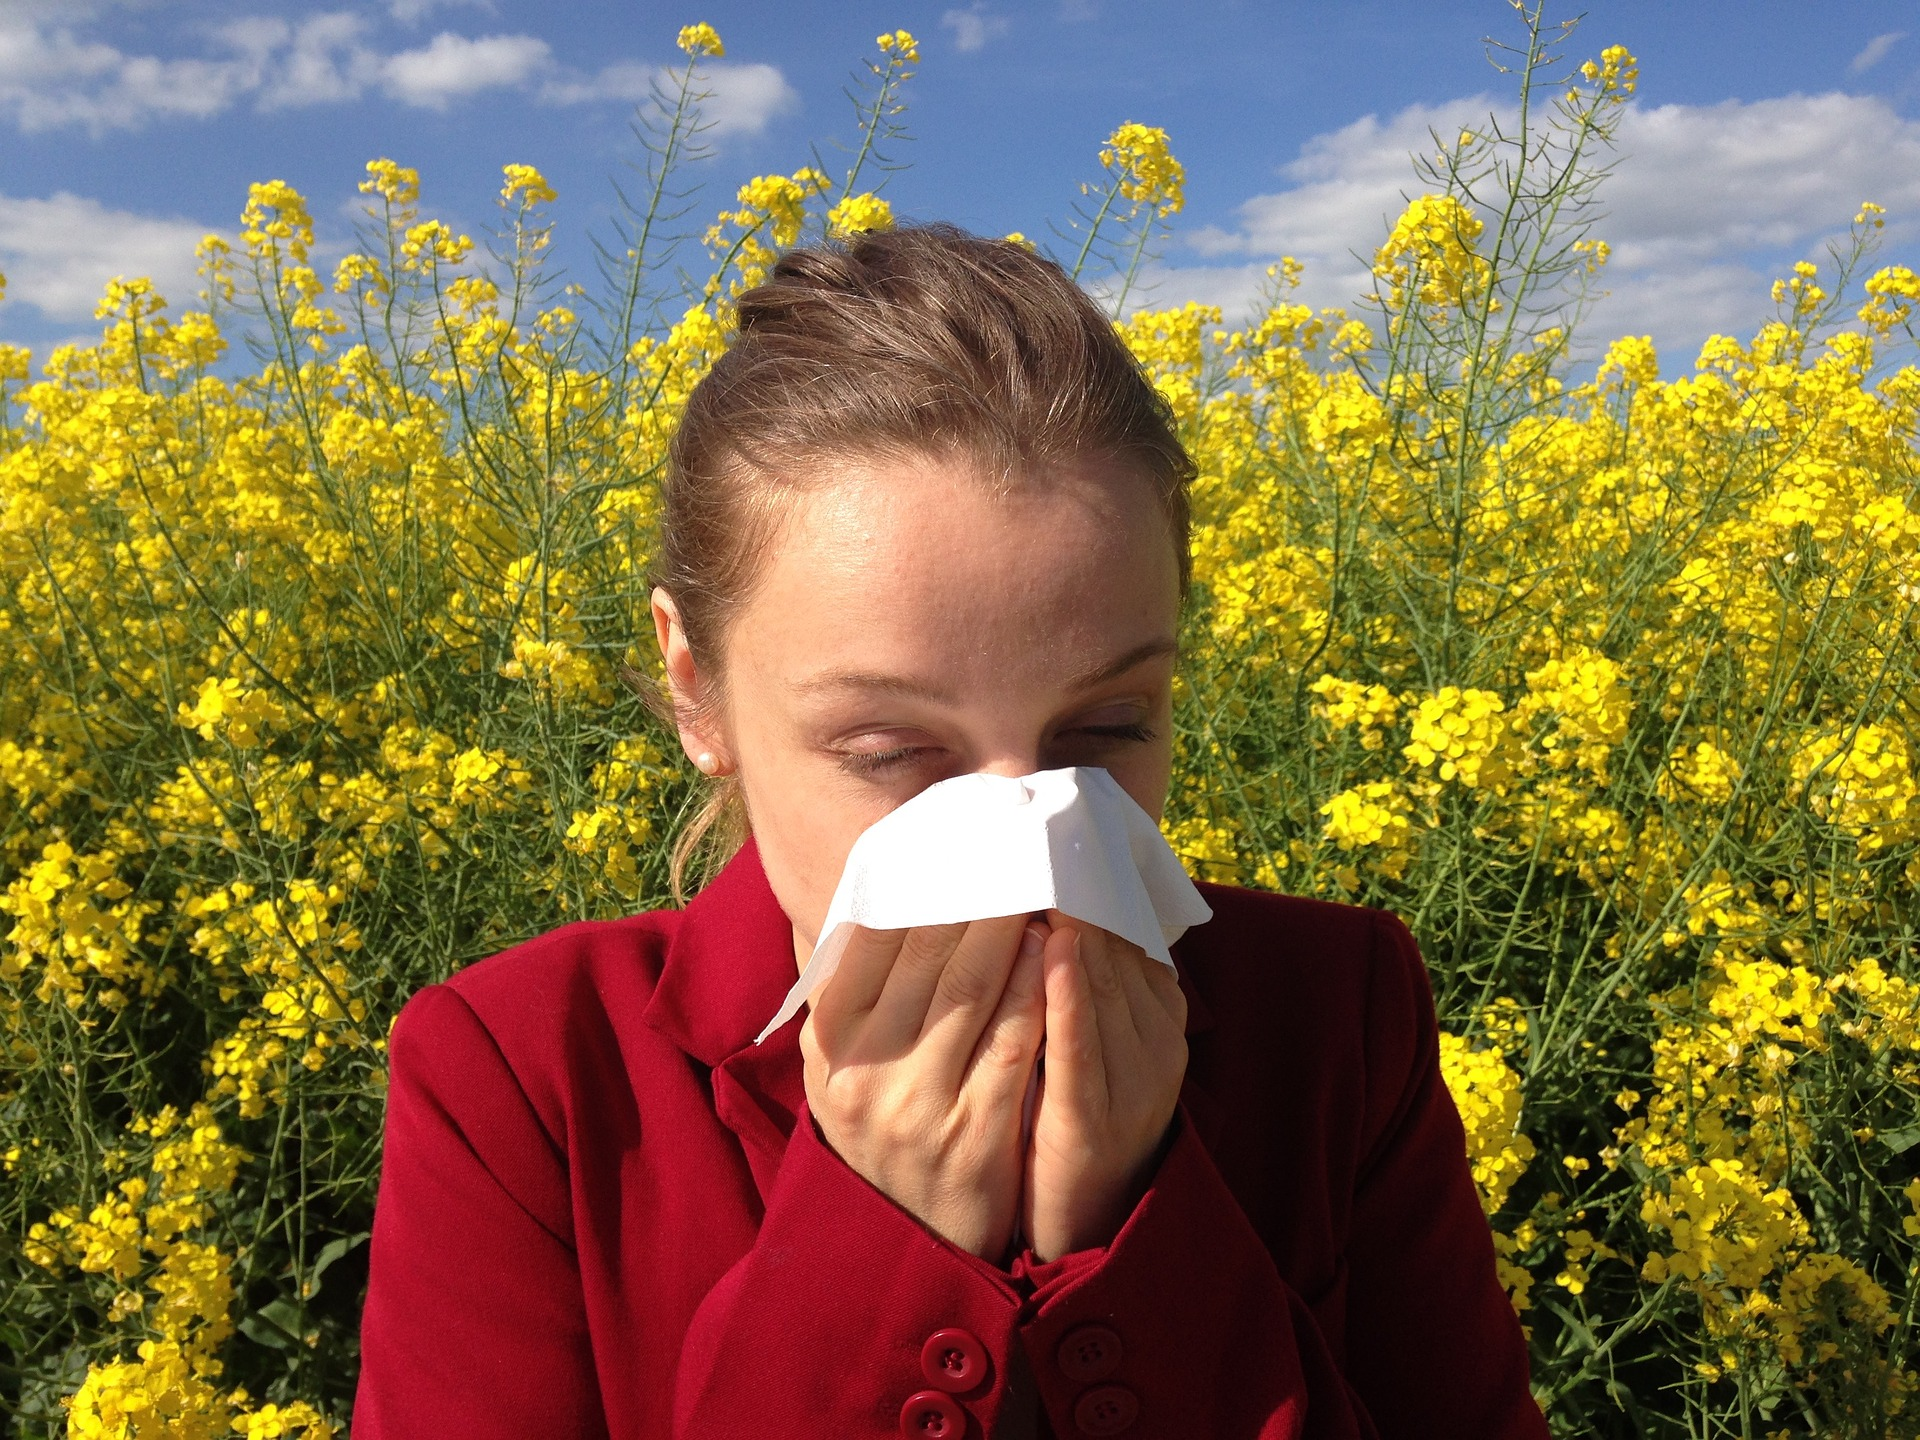 Qu'est-ce qui provoque les allergies ?